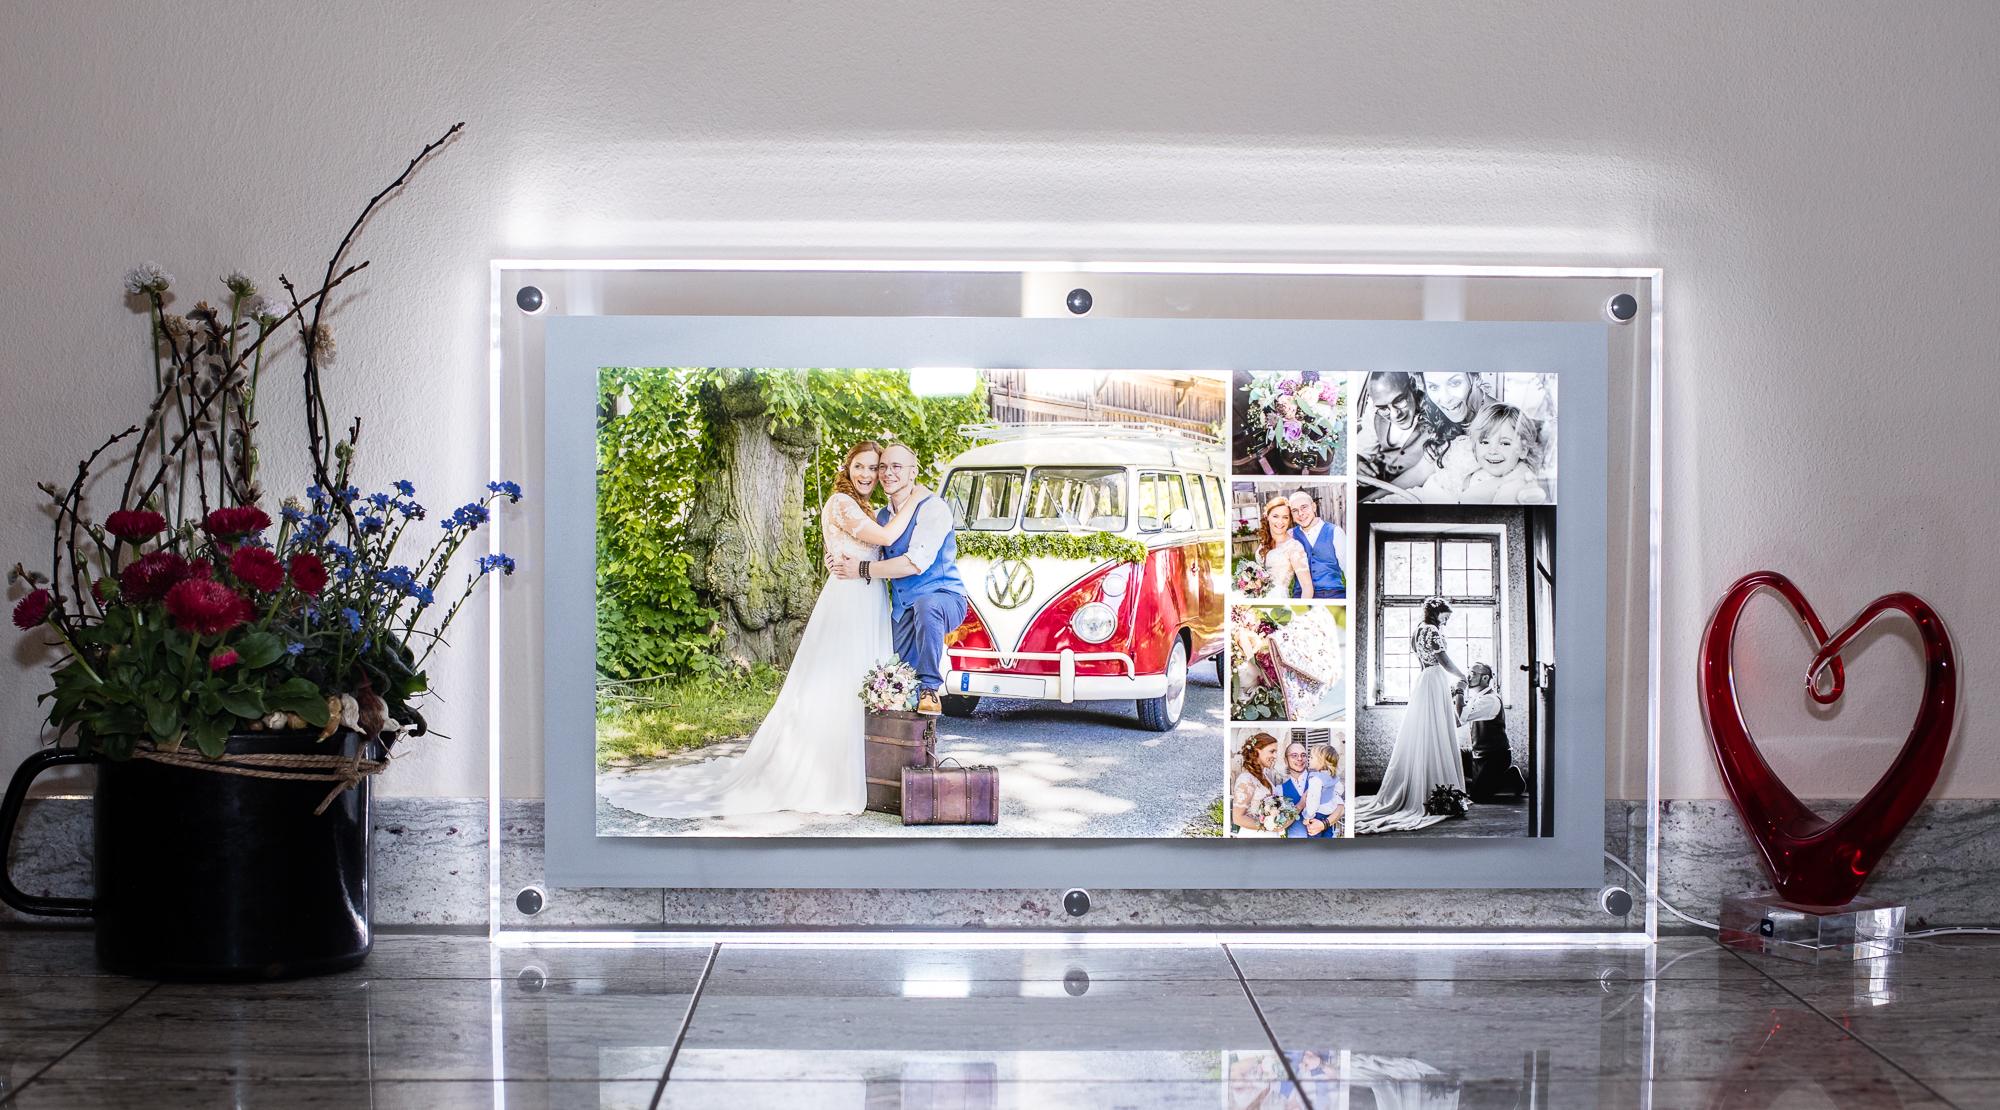 Acryl Leuchtrahmen 300/600 mm mit Collage Design 7b